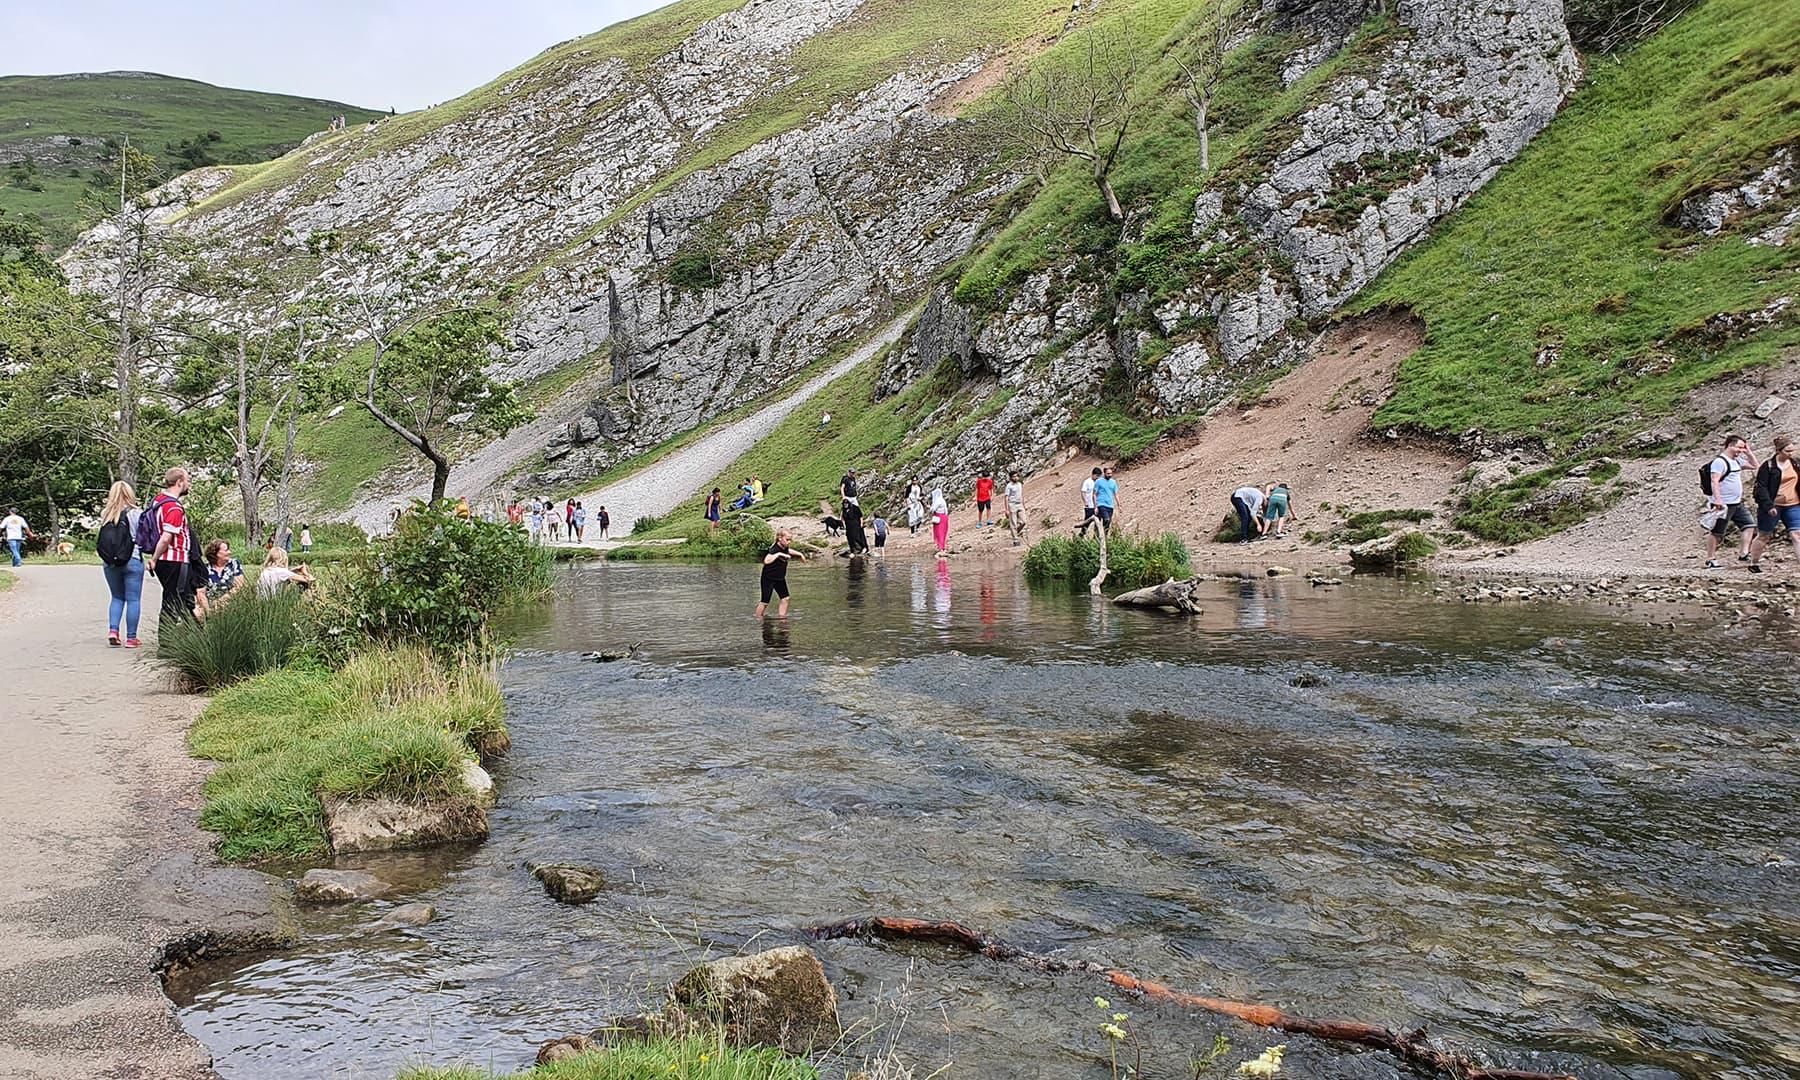 وہ مقام جہاں بلا خطر دریا کے کنارے موجود پانی میں اتر سکتے ہیں